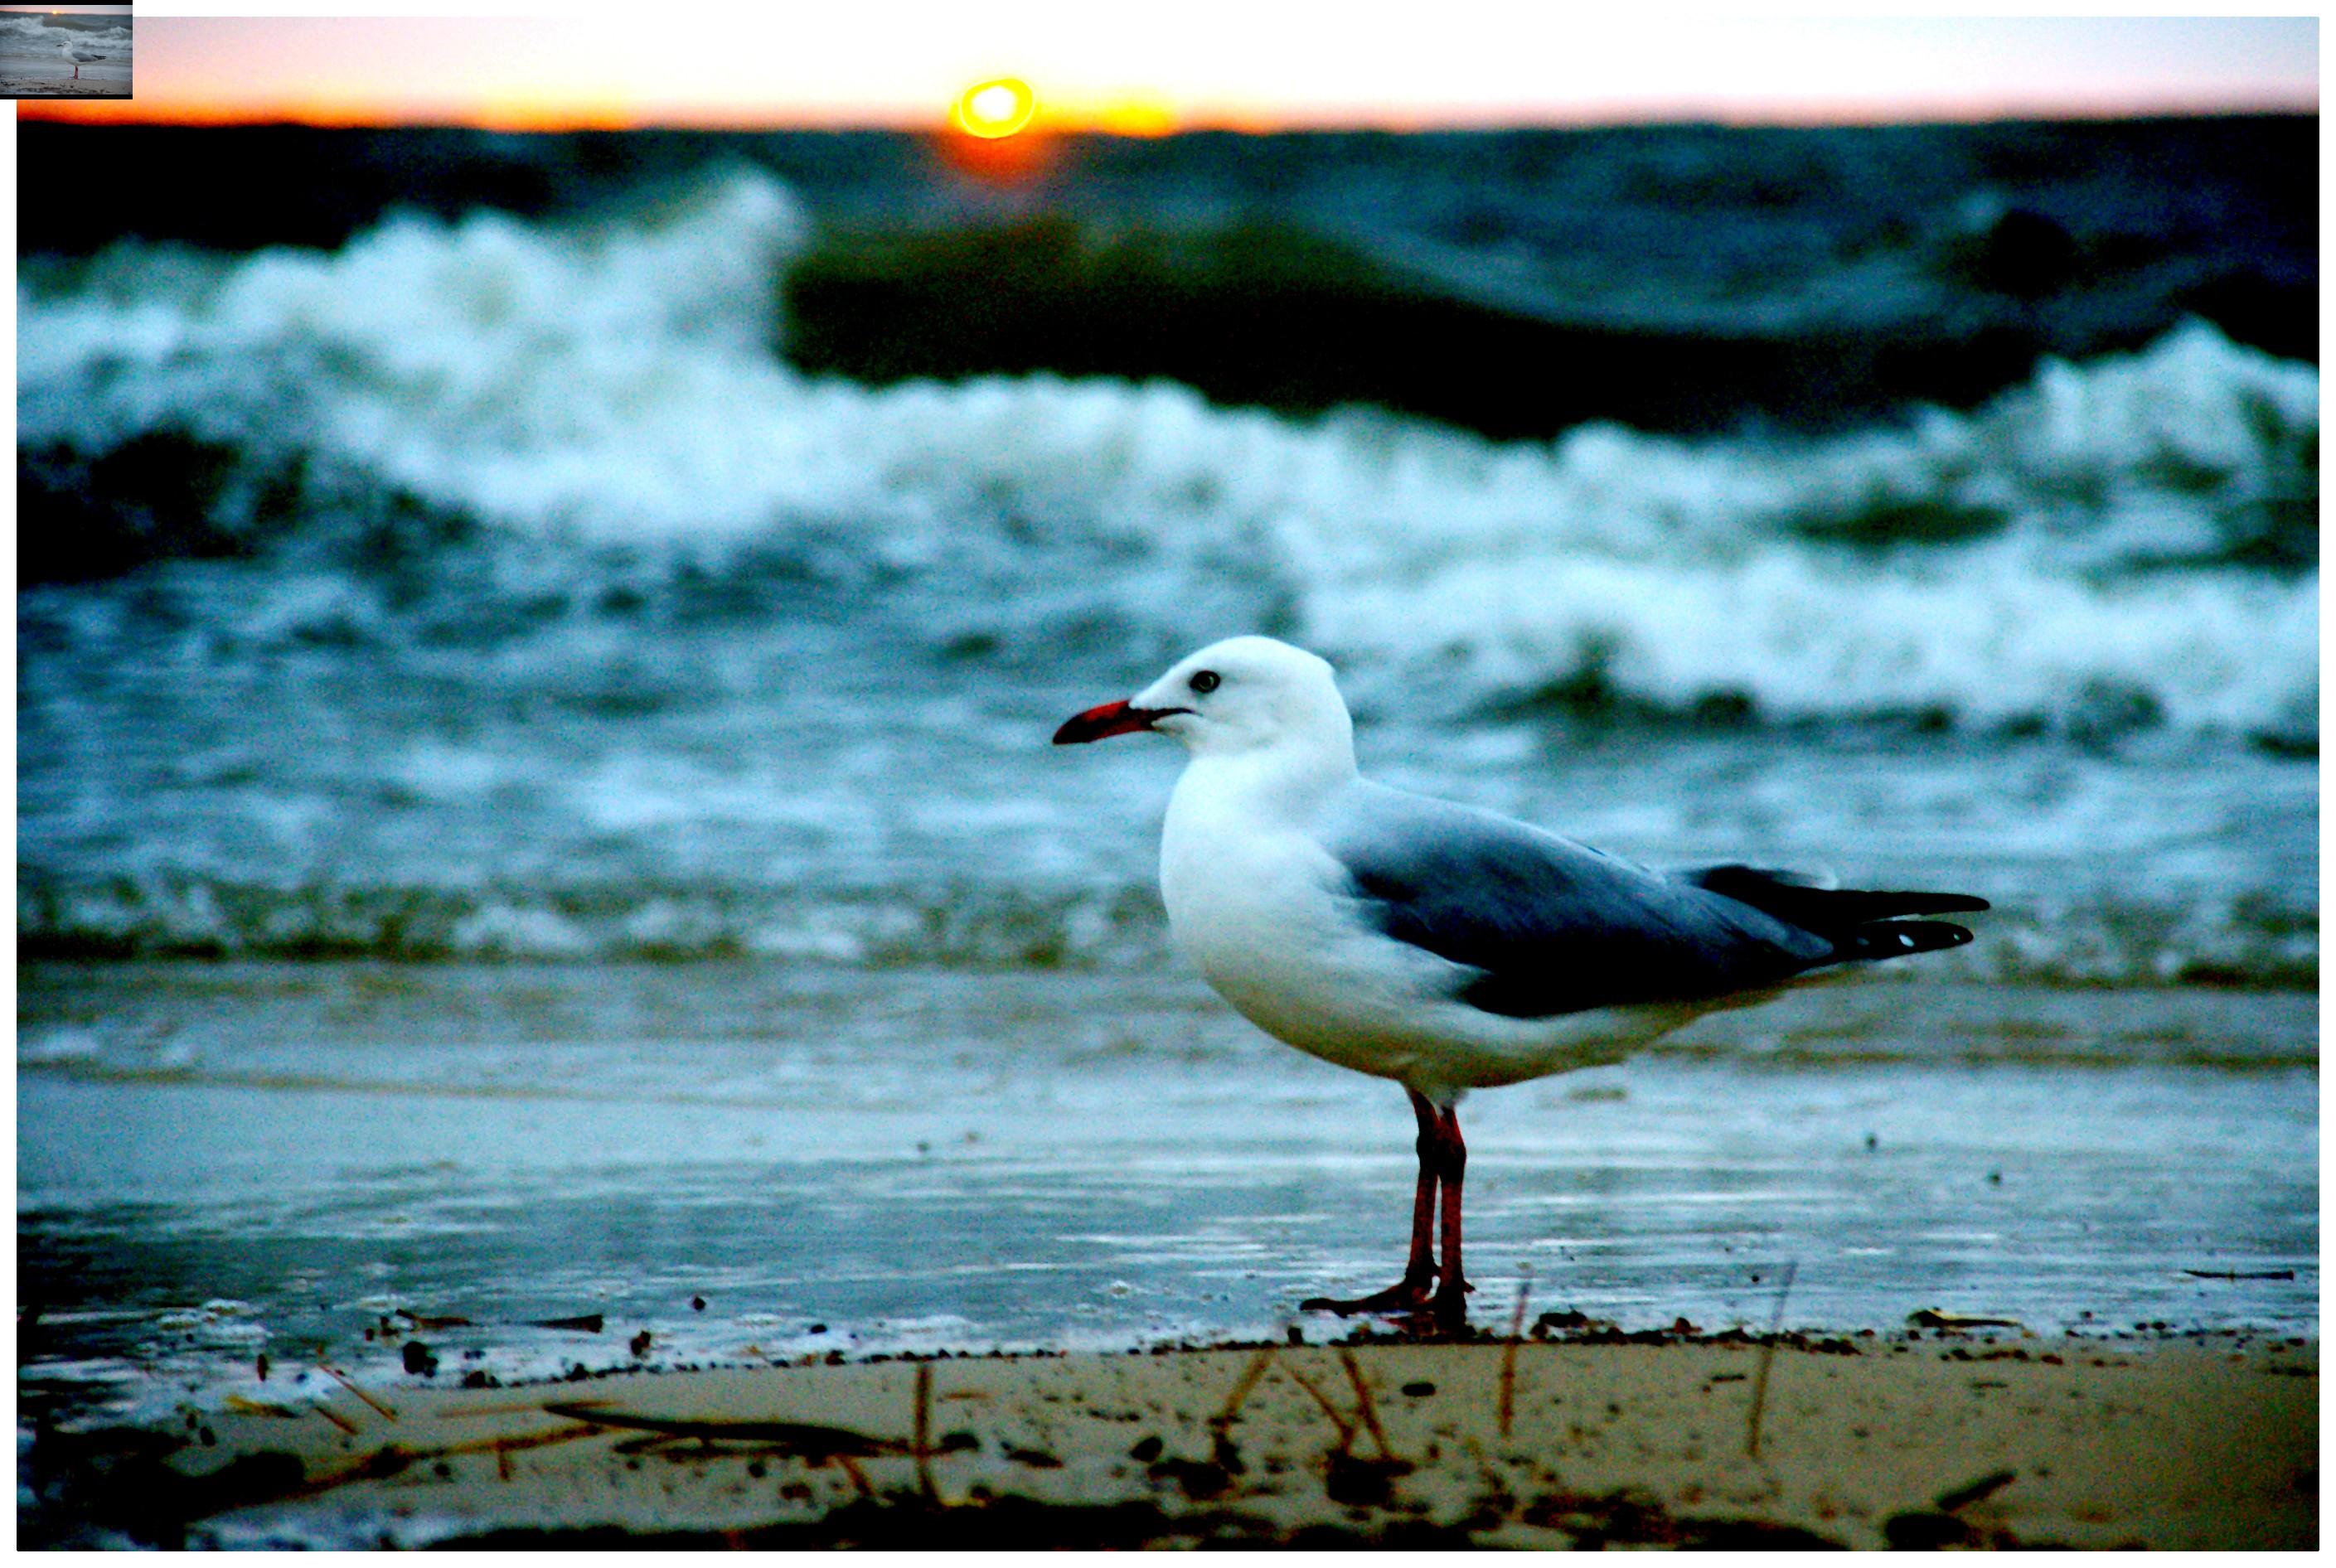 Seagull, Animal, Beach, Bird, Blue, HQ Photo